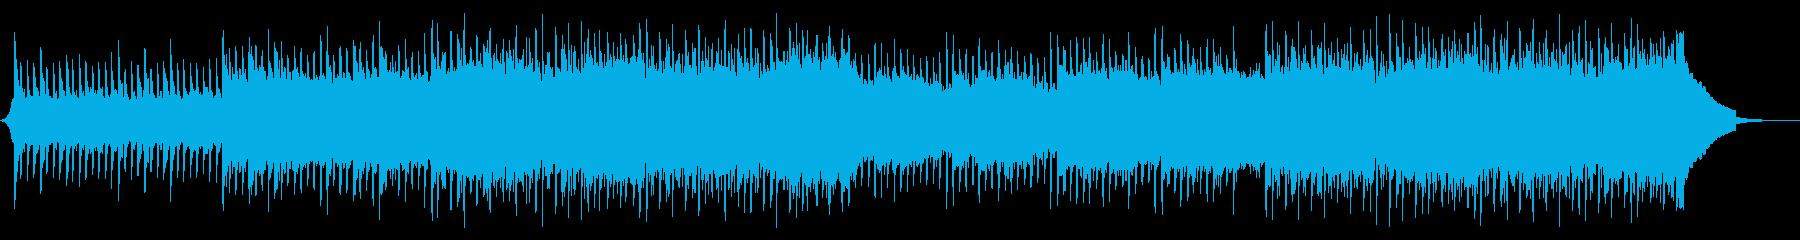 爽やかで明るいコーポレートBGMの再生済みの波形